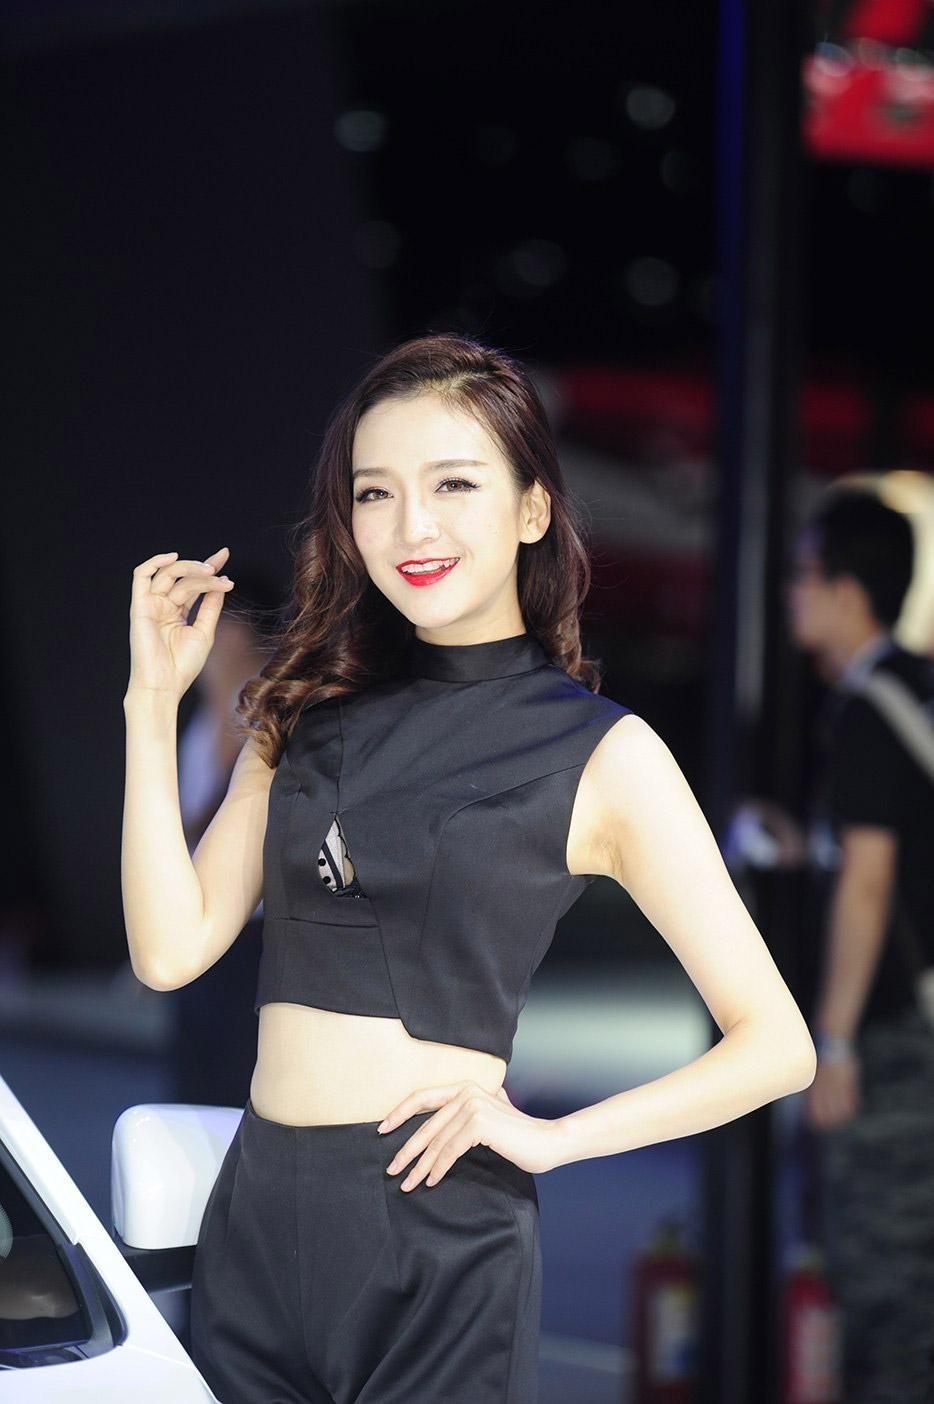 2015广州车展吉利汽车车模性感爆表_第1张